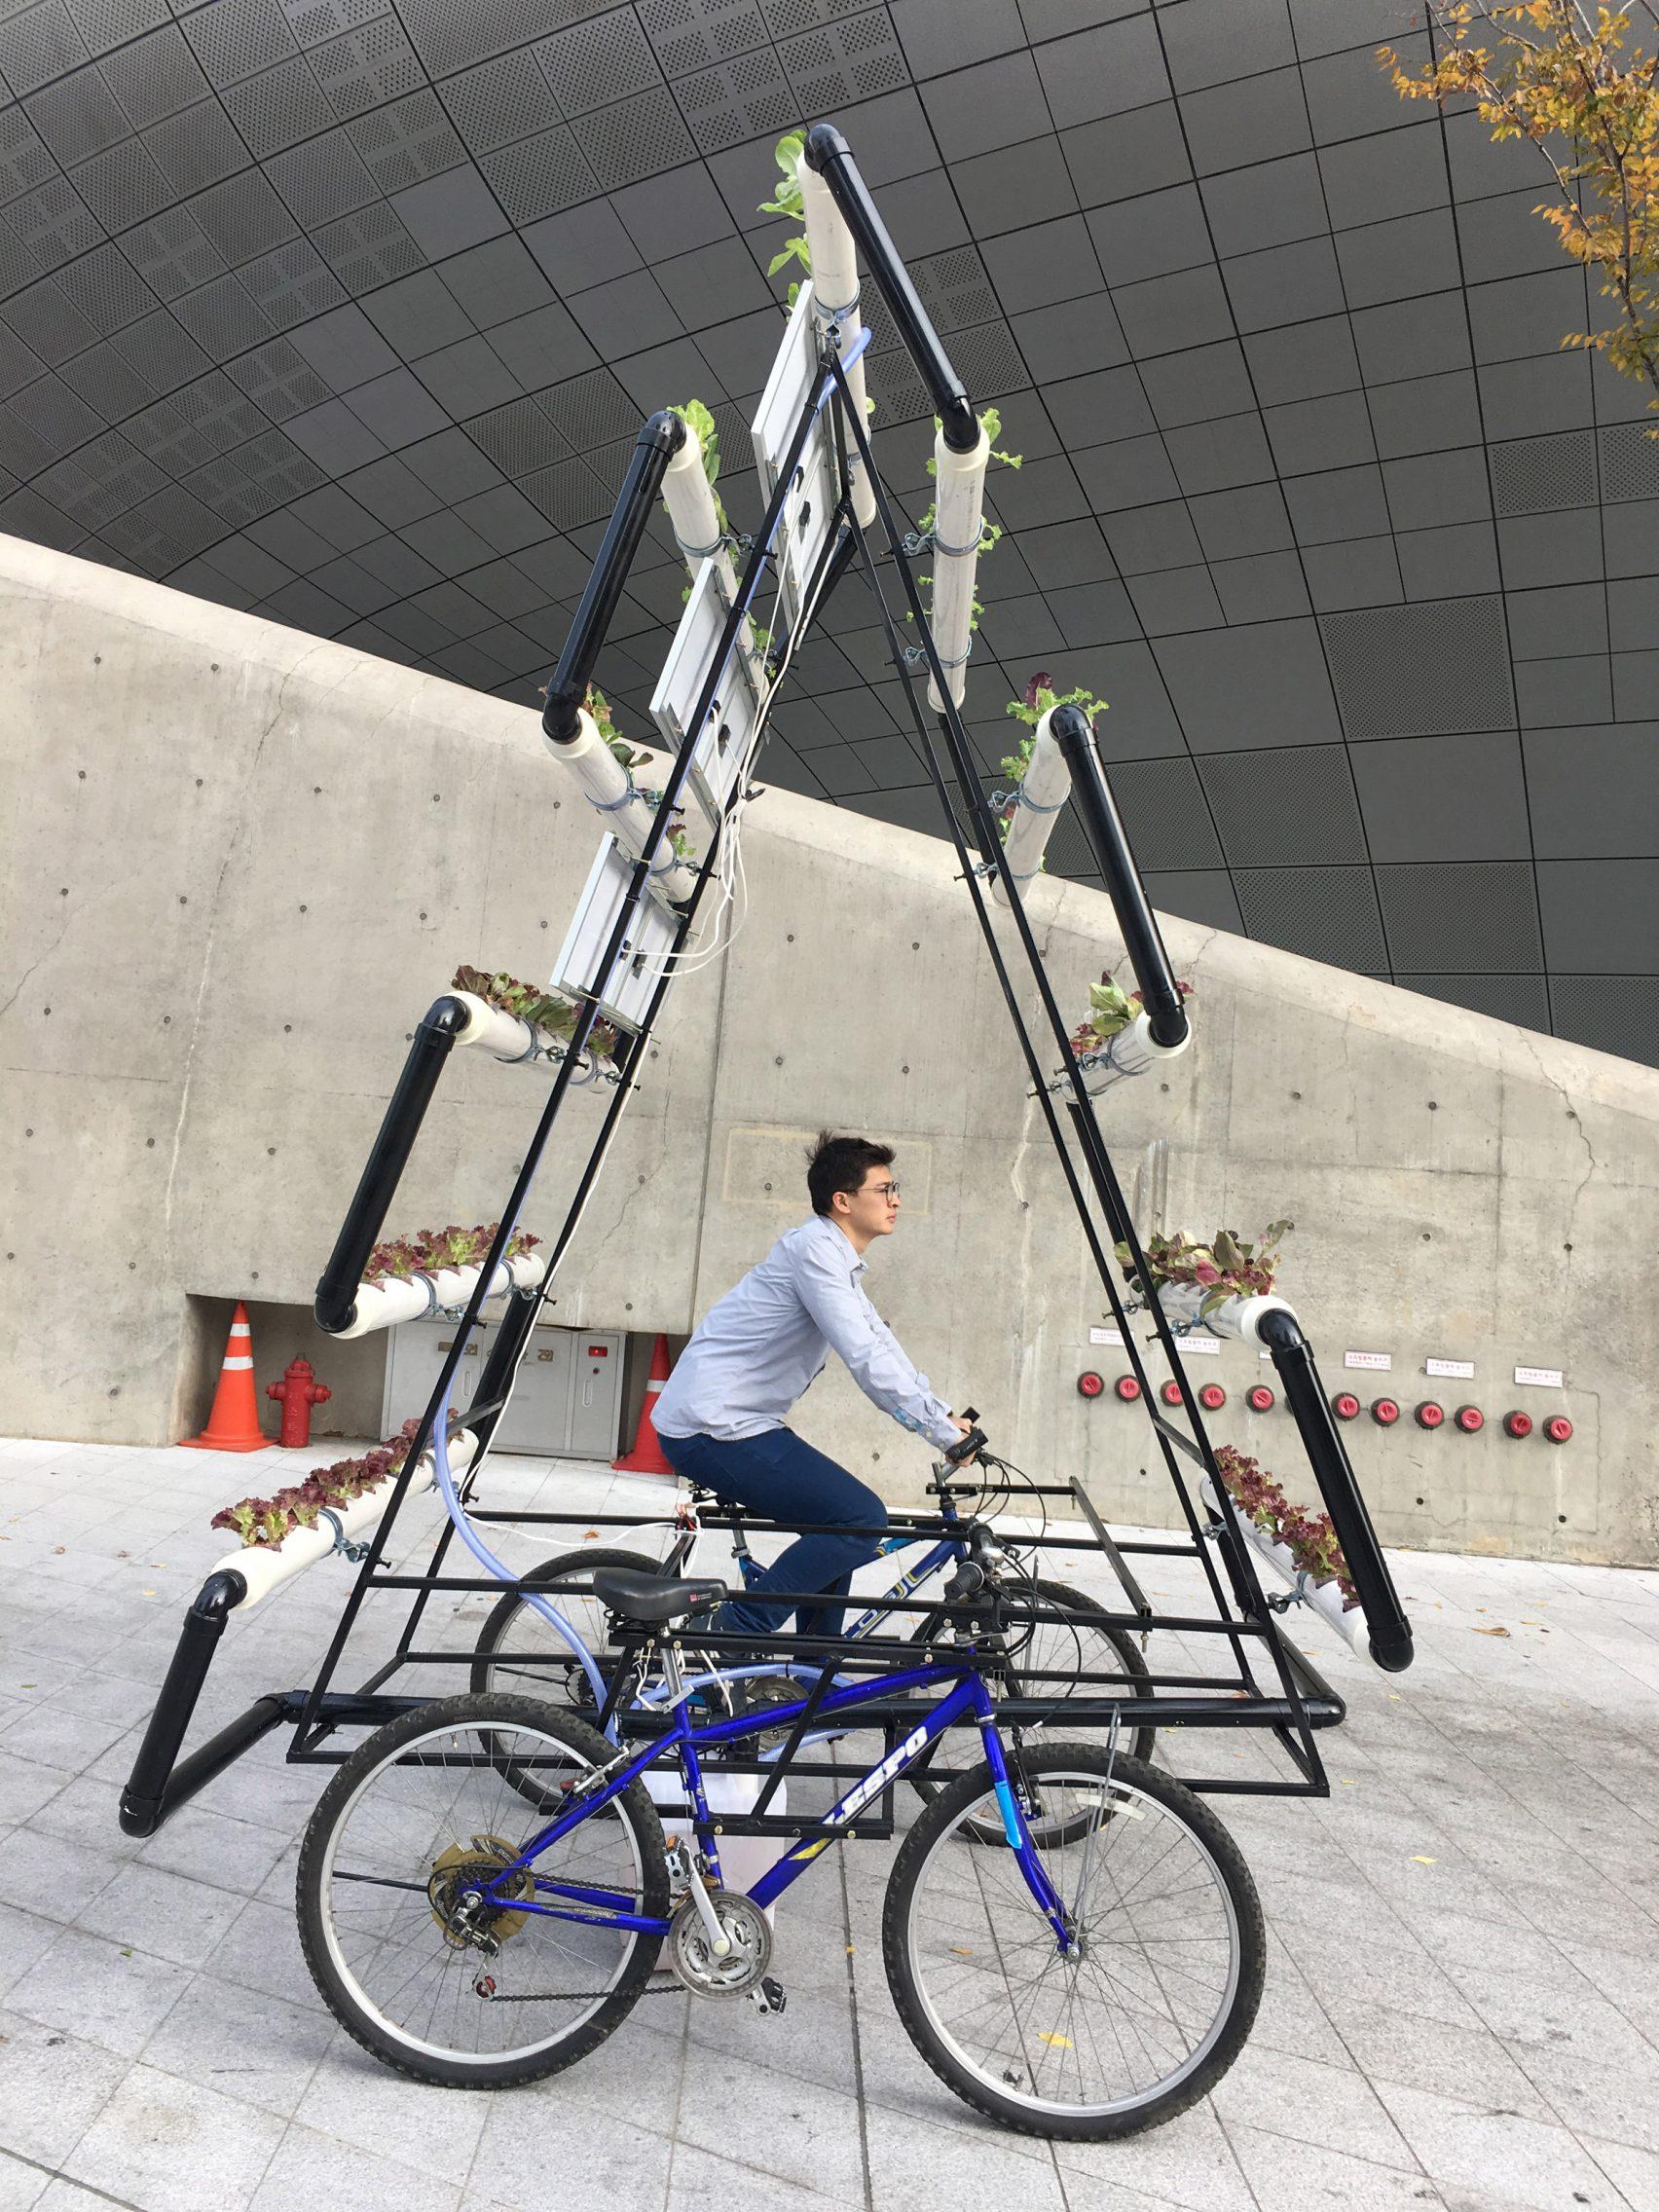 idesign bike share farm y tuong giup dan thanh thi chiu kho trong cay hon 03